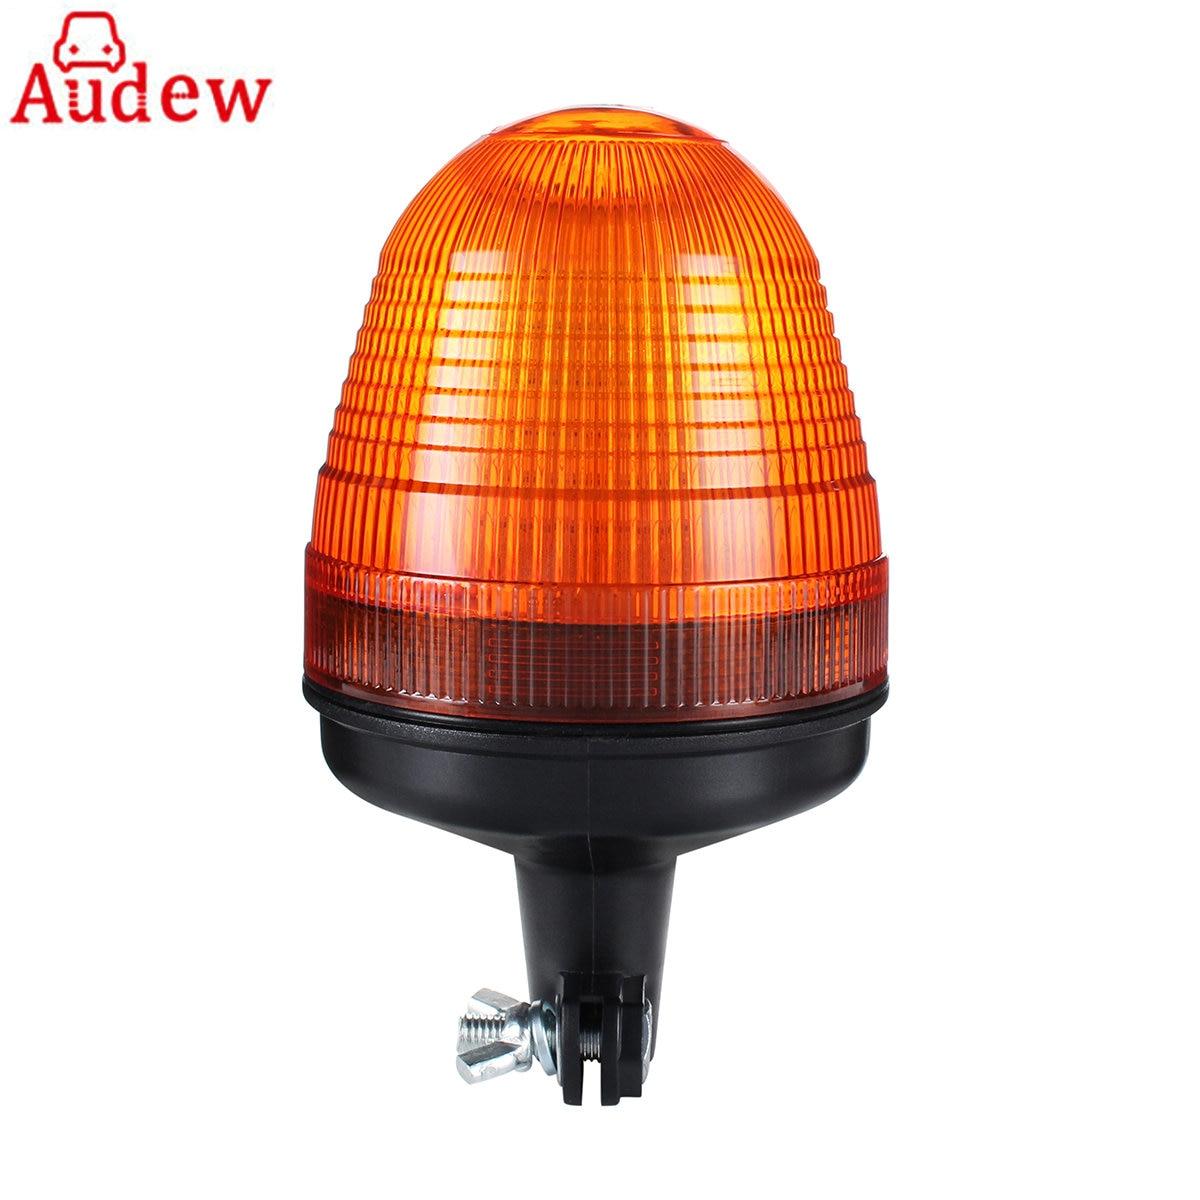 12V/24V LED Rotating Flashing Amber Beacon Flexible Pole Mount Tractor Warning Light for Truck цены